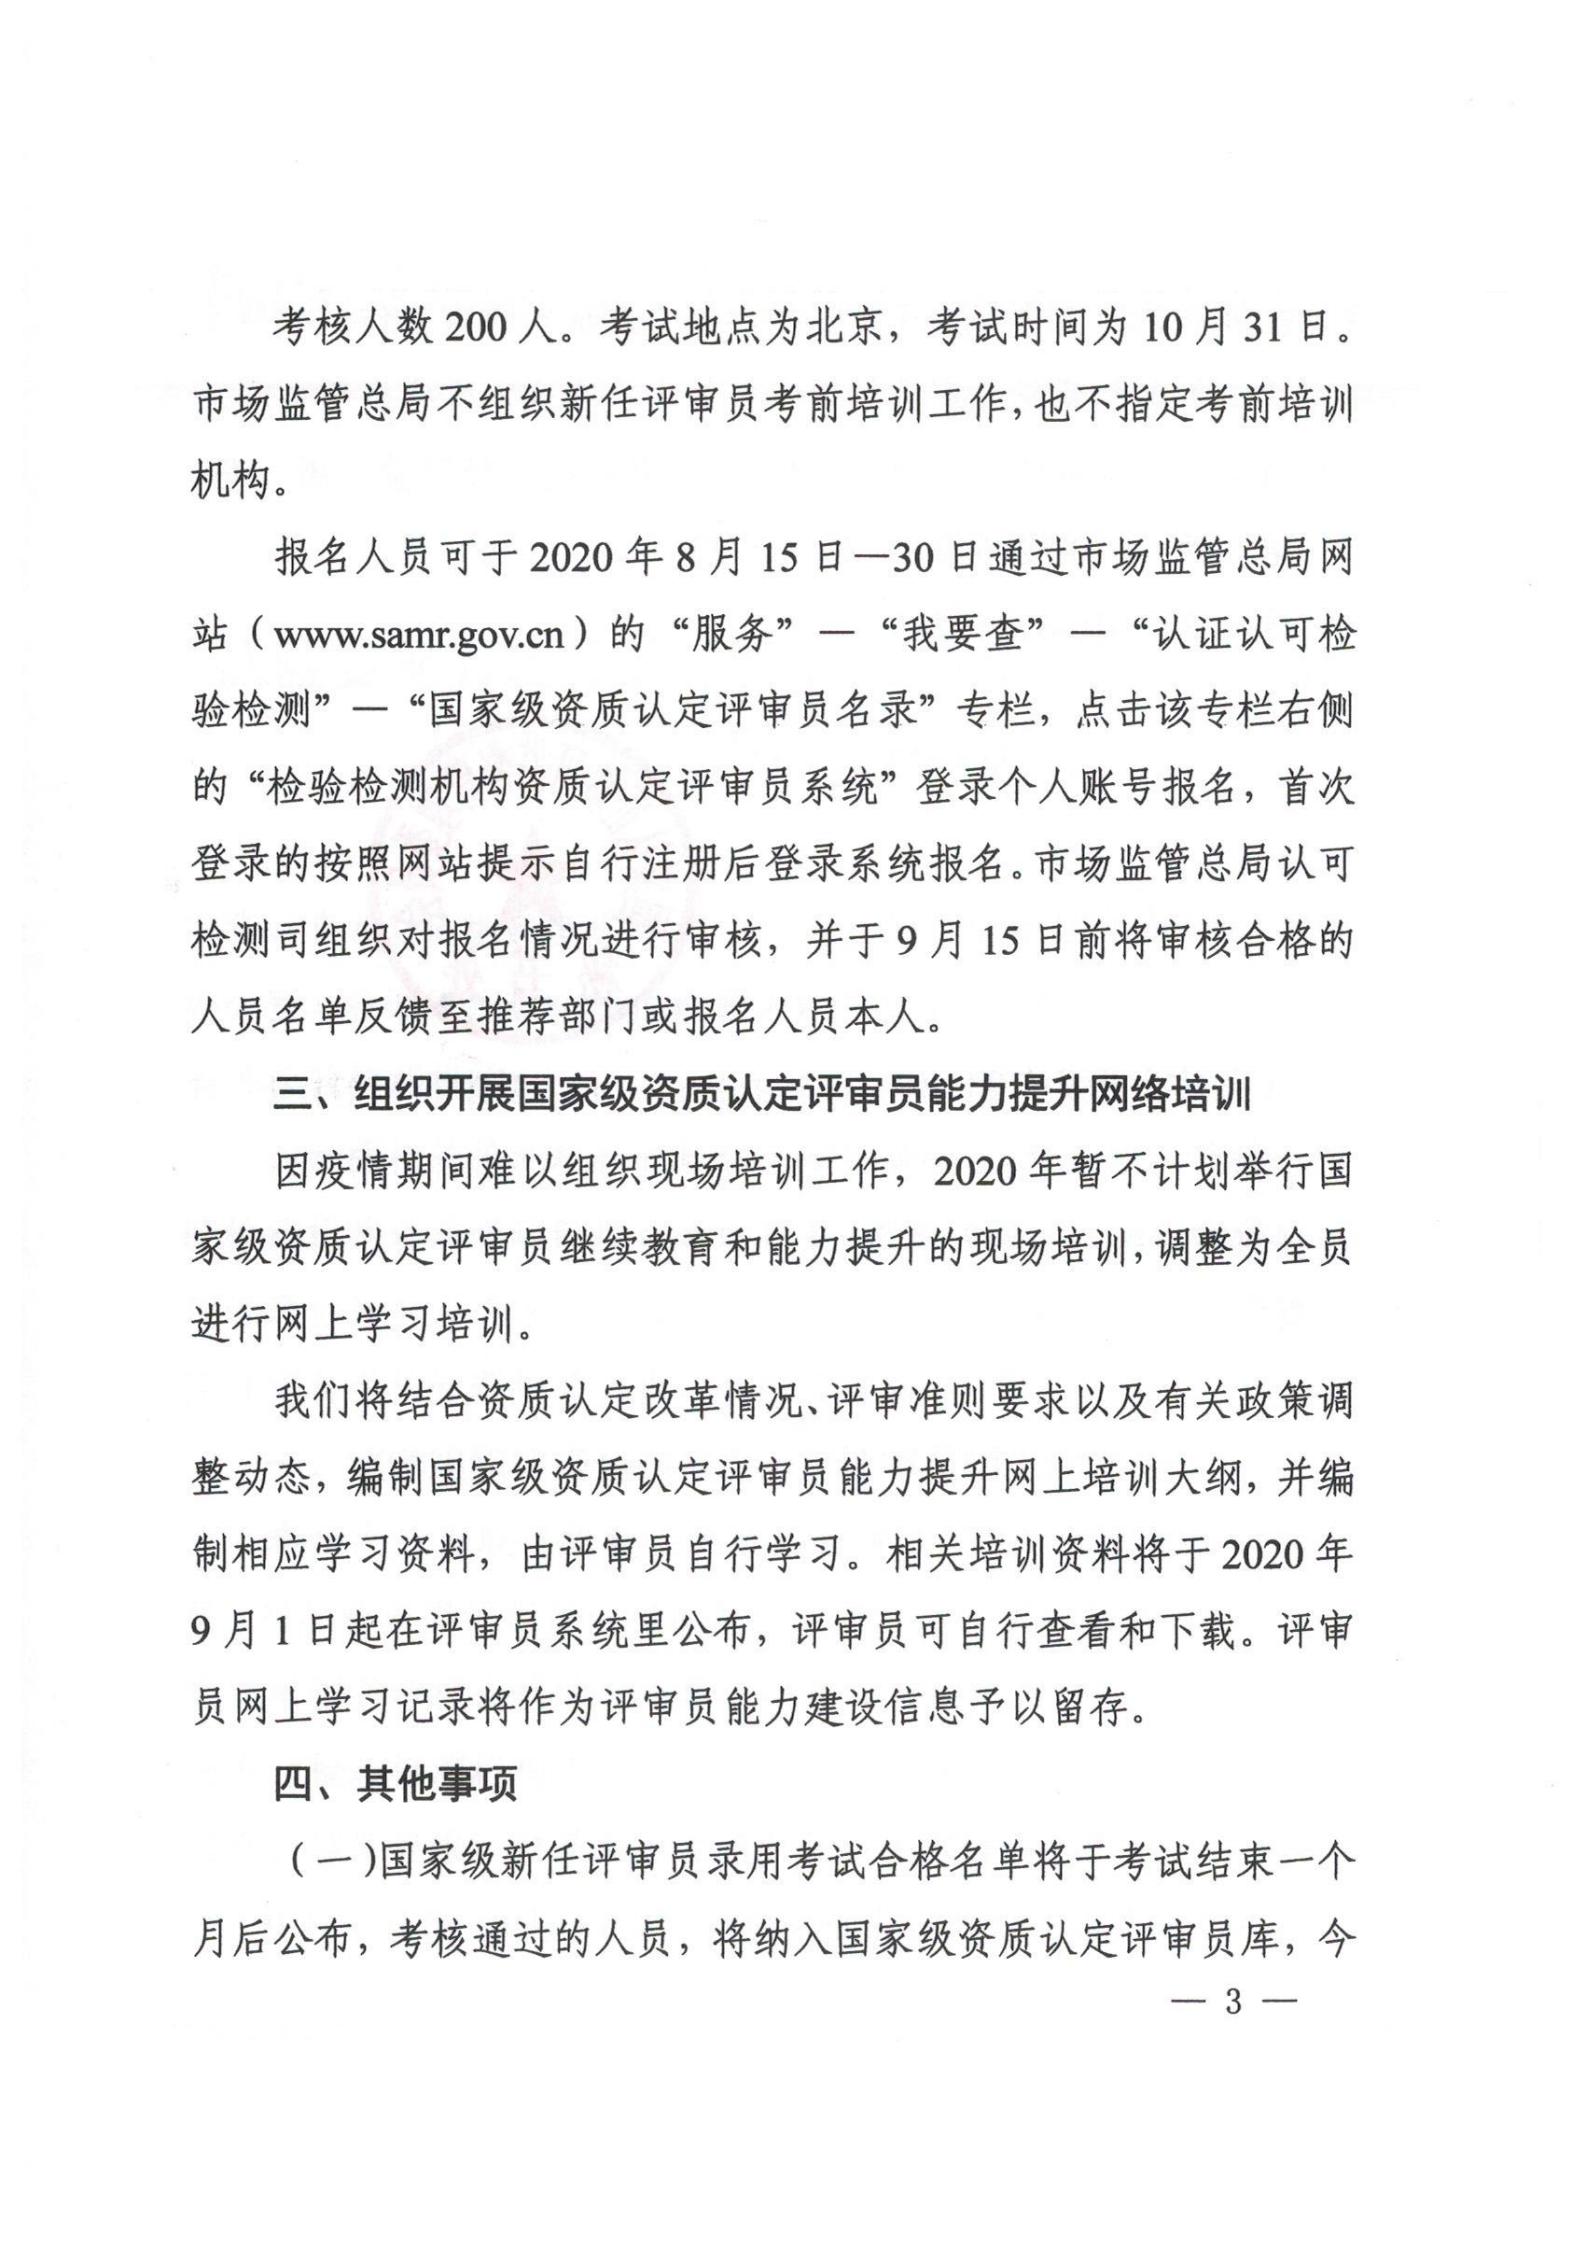 认监委秘书处关于开展2020年检验检测机构资质认定评审员考核的通知_02.png